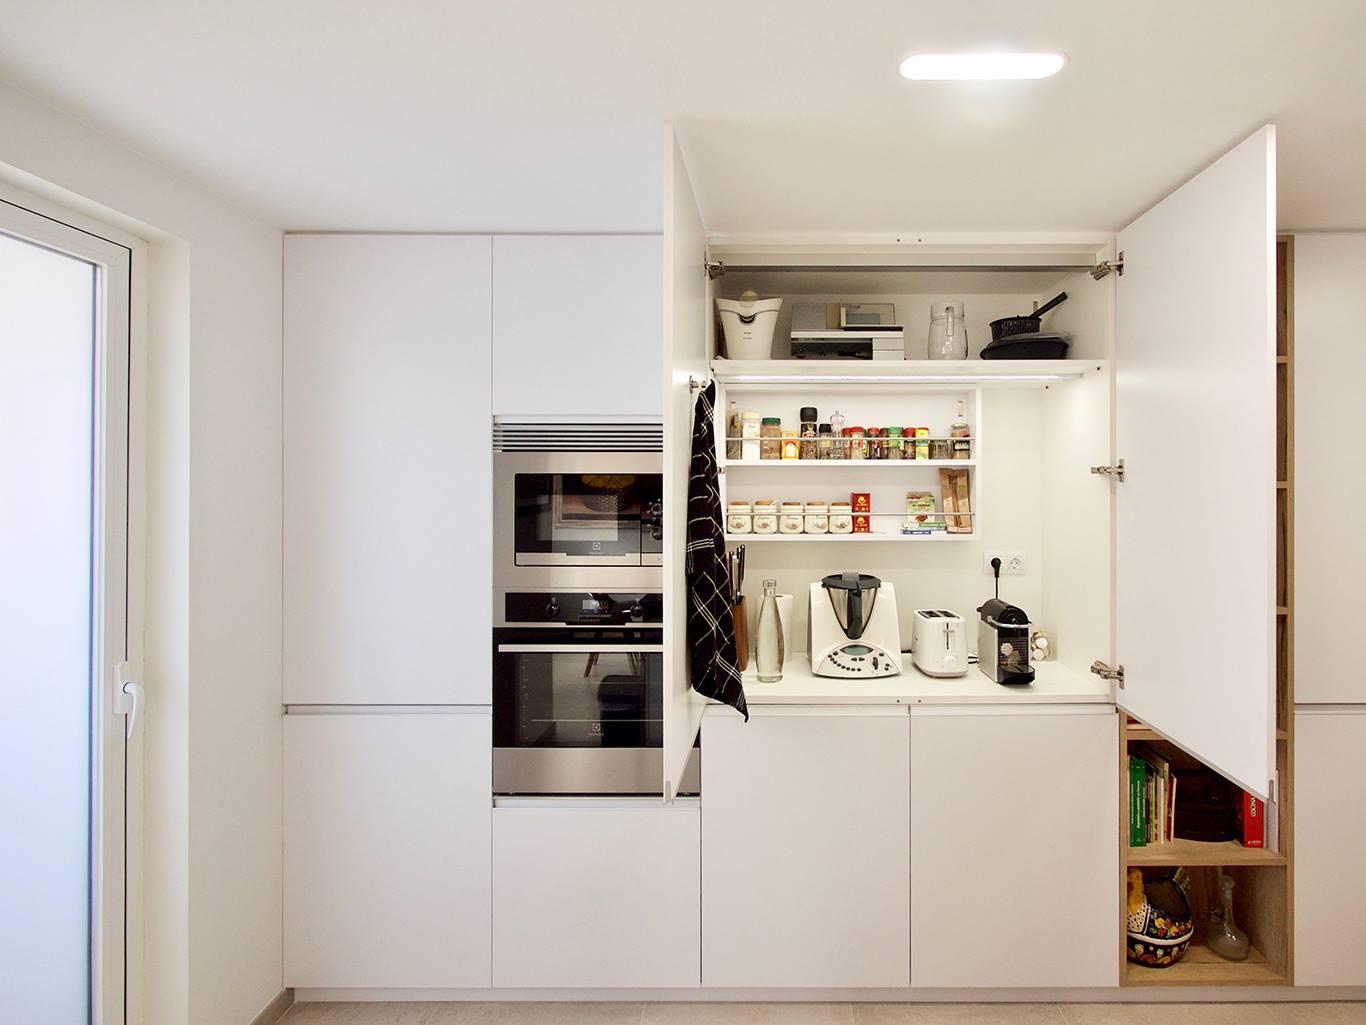 Columna despensa abierto con electrodomésticos y alimentos